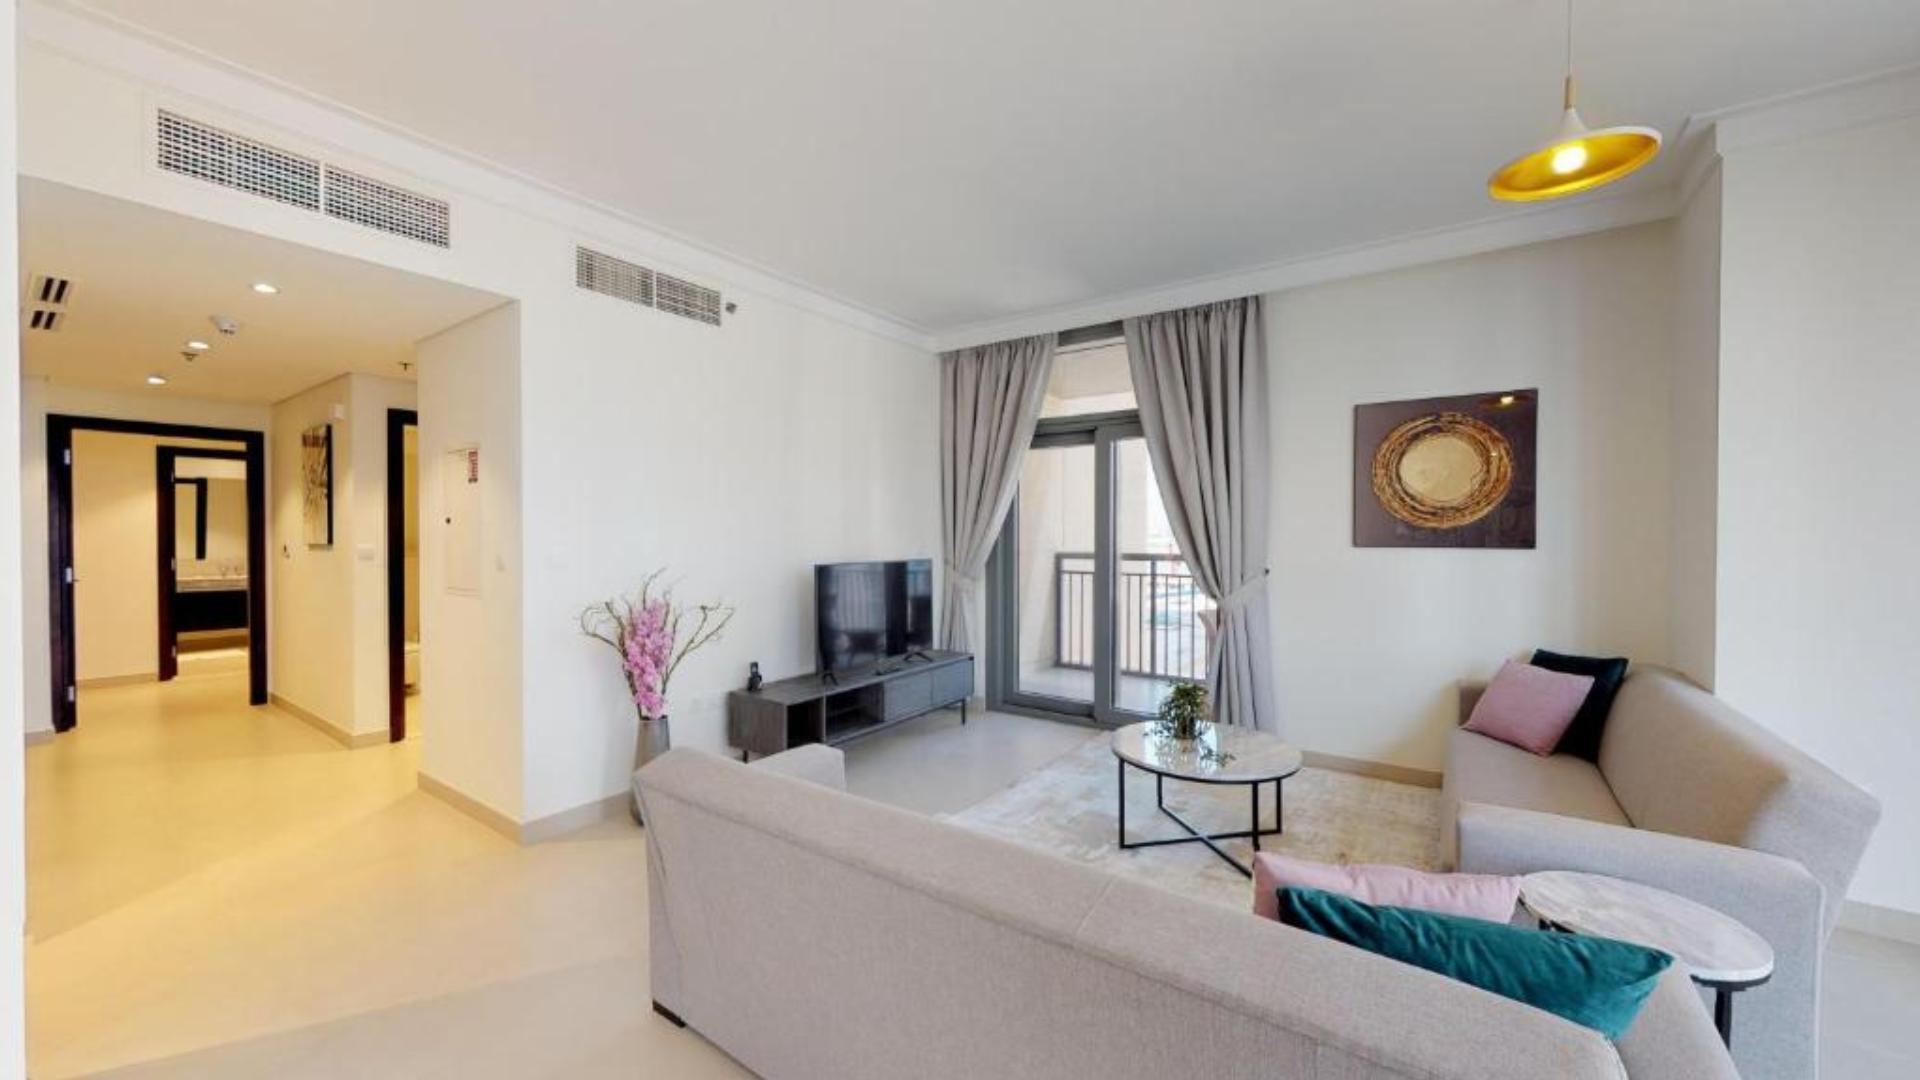 Duplex for sale in Dubai, UAE, 4 bedrooms, 210 m2, No. 24300 – photo 3